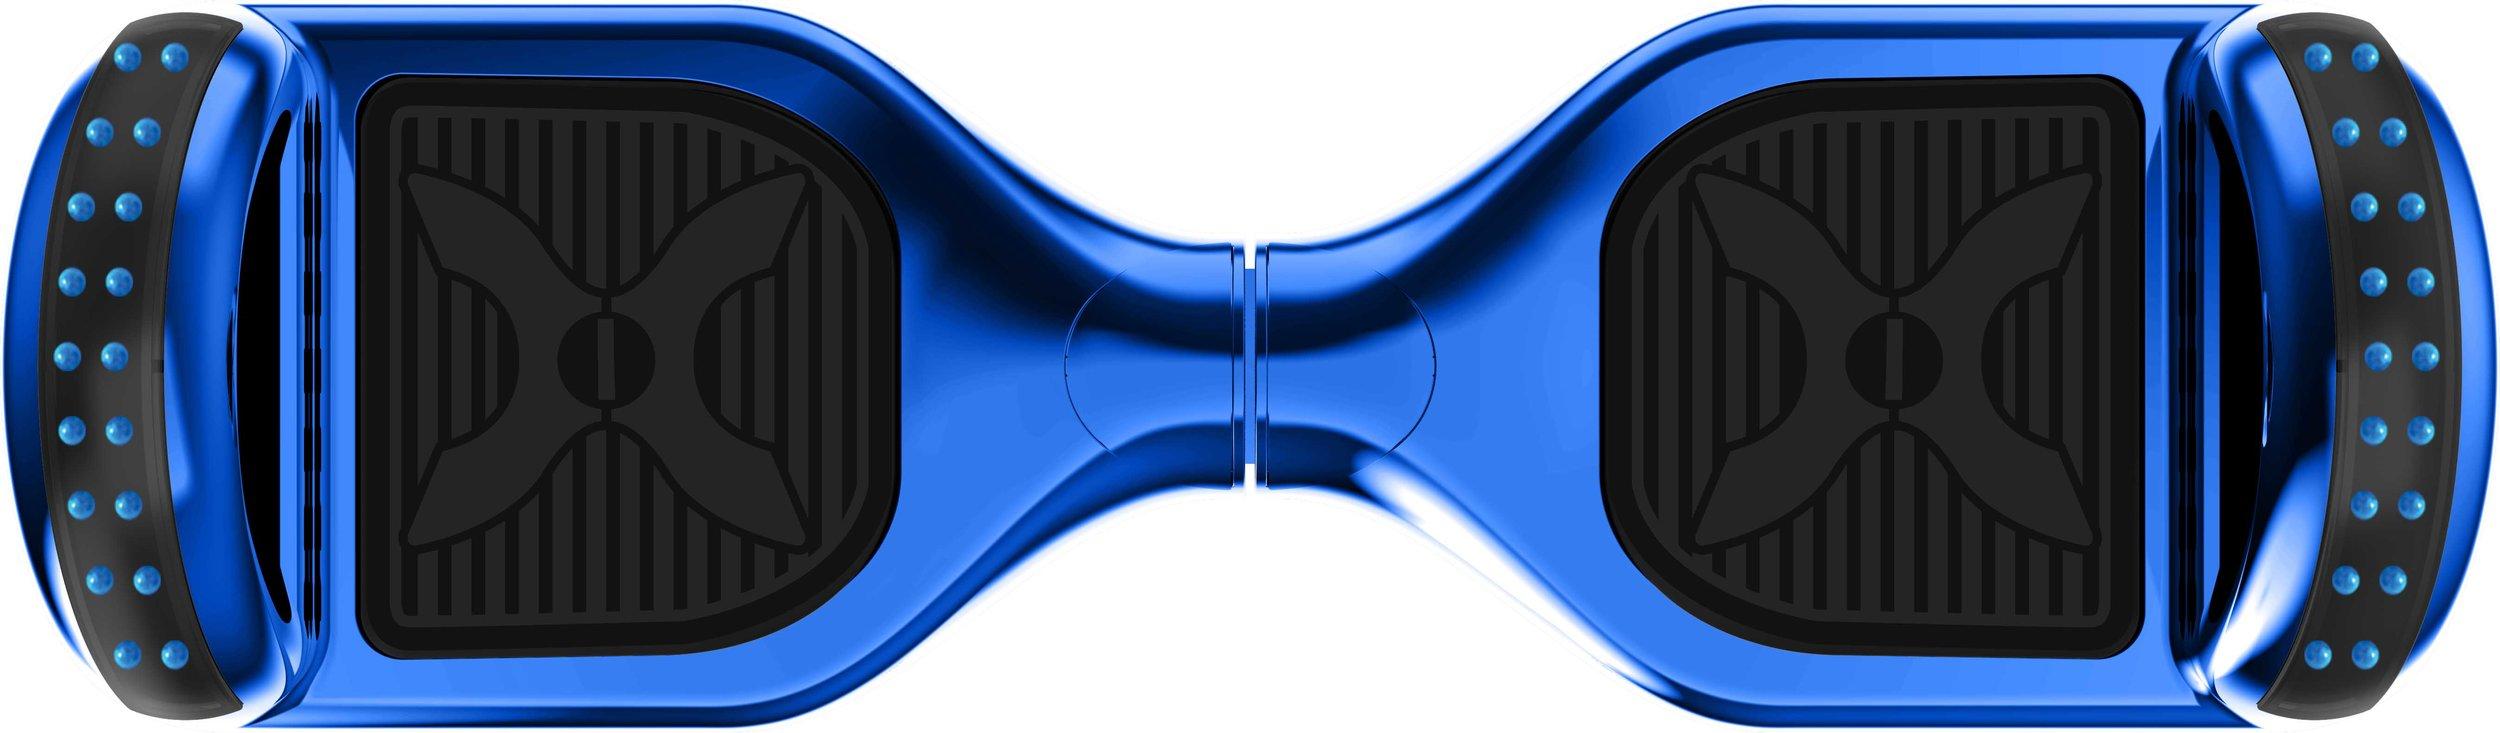 HY-MATRX-BLU-Top.jpg